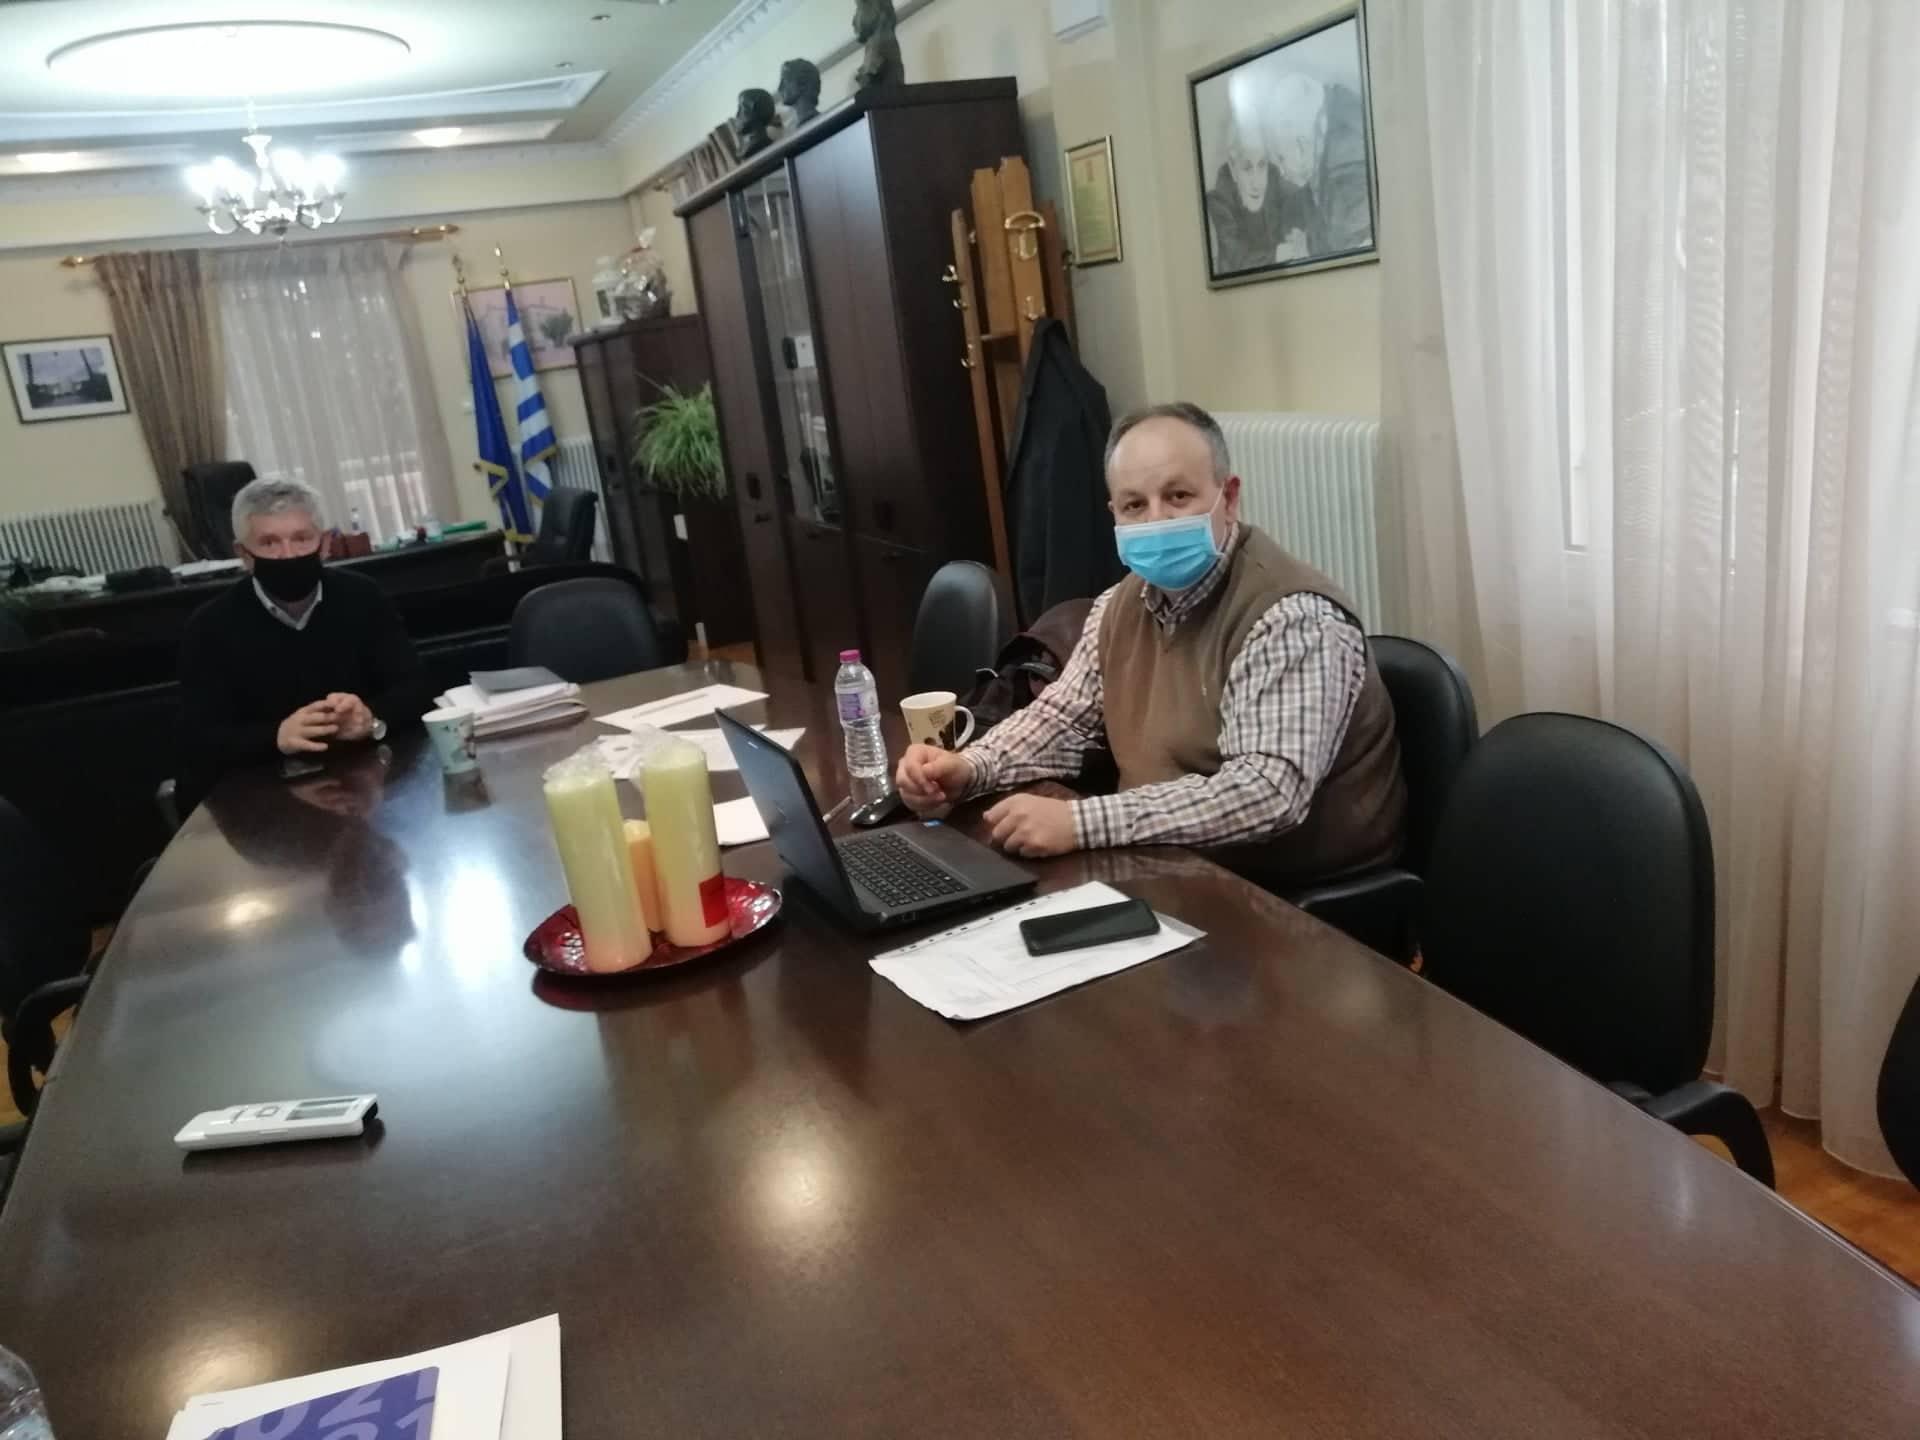 Συνάντηση του Δημάρχου Δεσκάτης κ. Κορδίλα Δημητρίου με τον Περιφερειακό Σύμβουλο κ. Χατζηζήση Λάμπρο